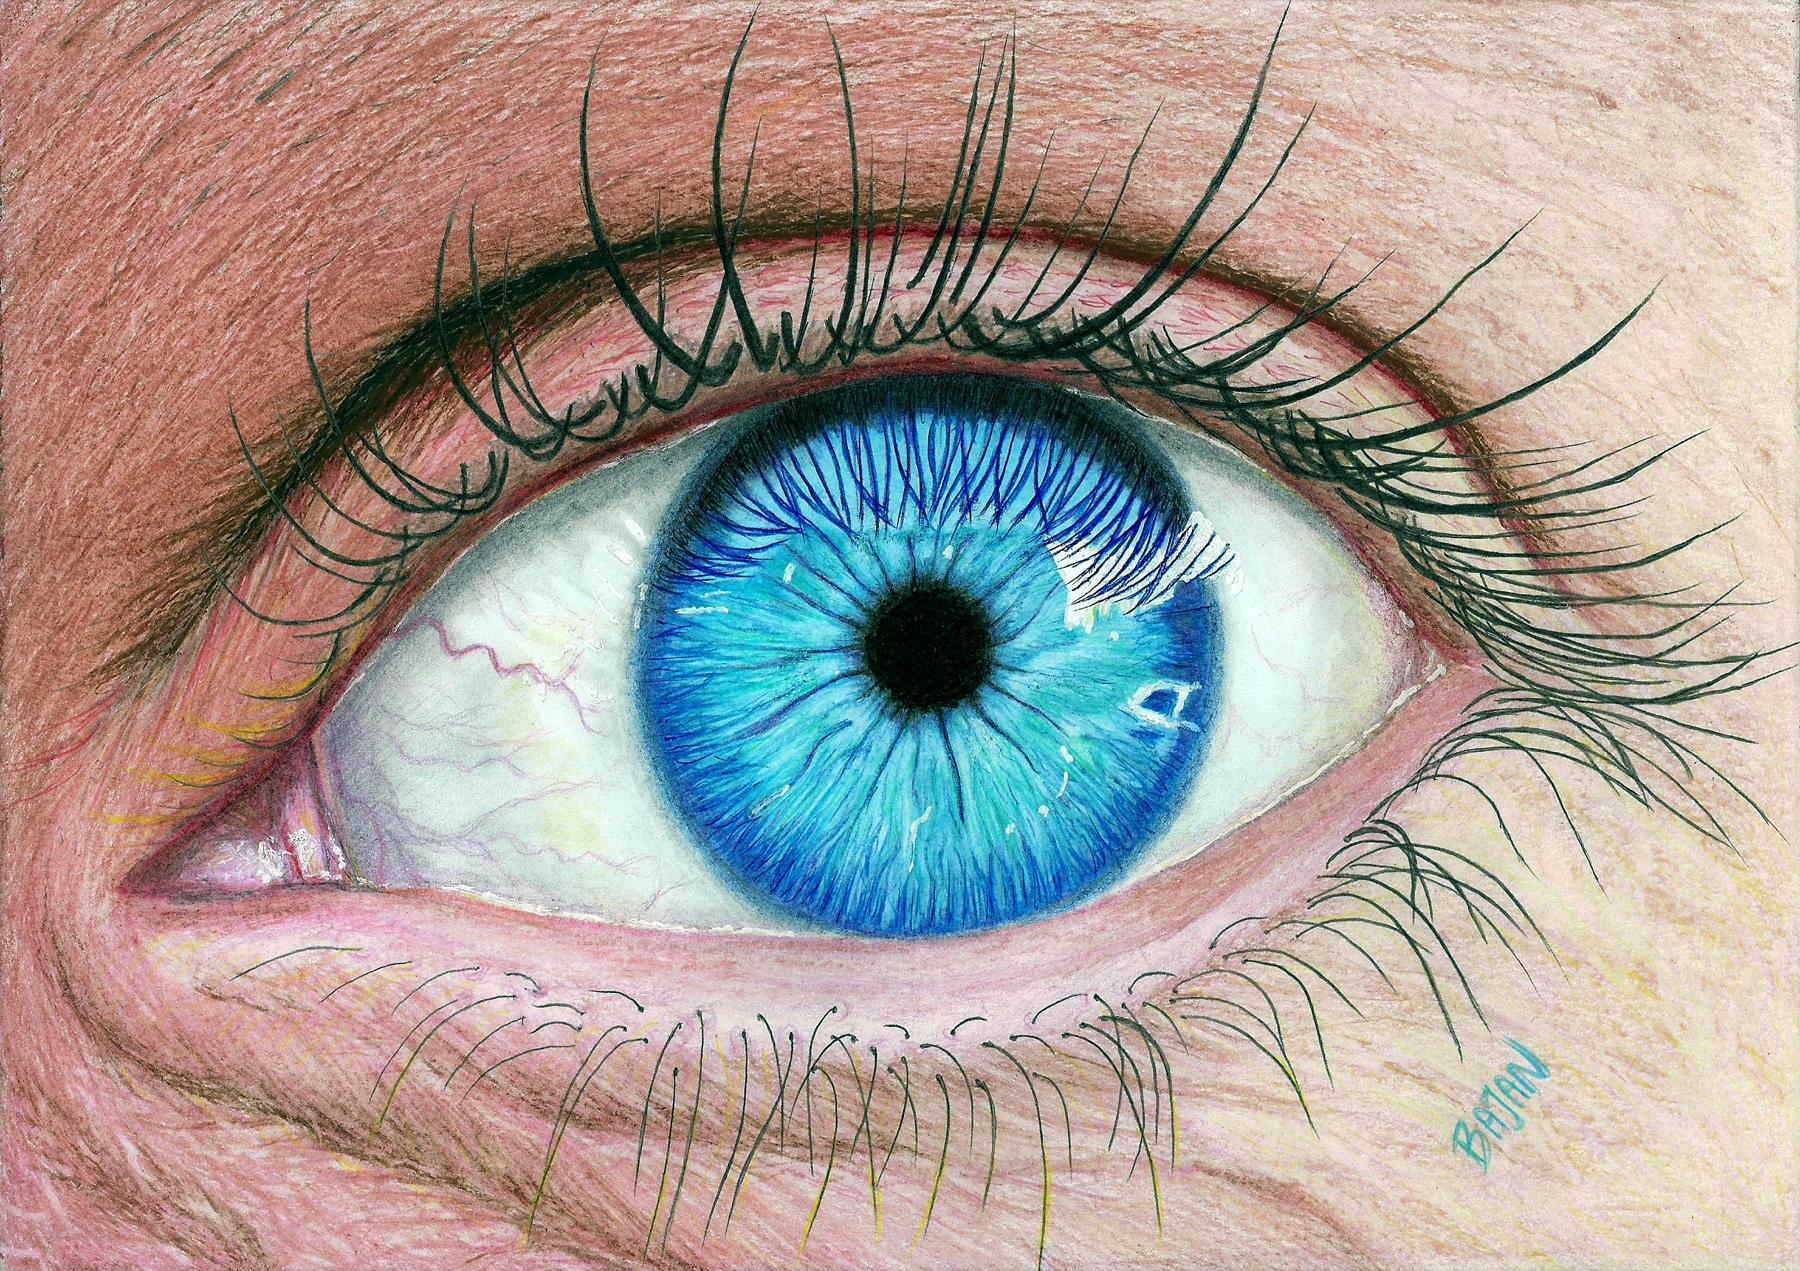 Realistic Eye by Bajan-Art on DeviantArt